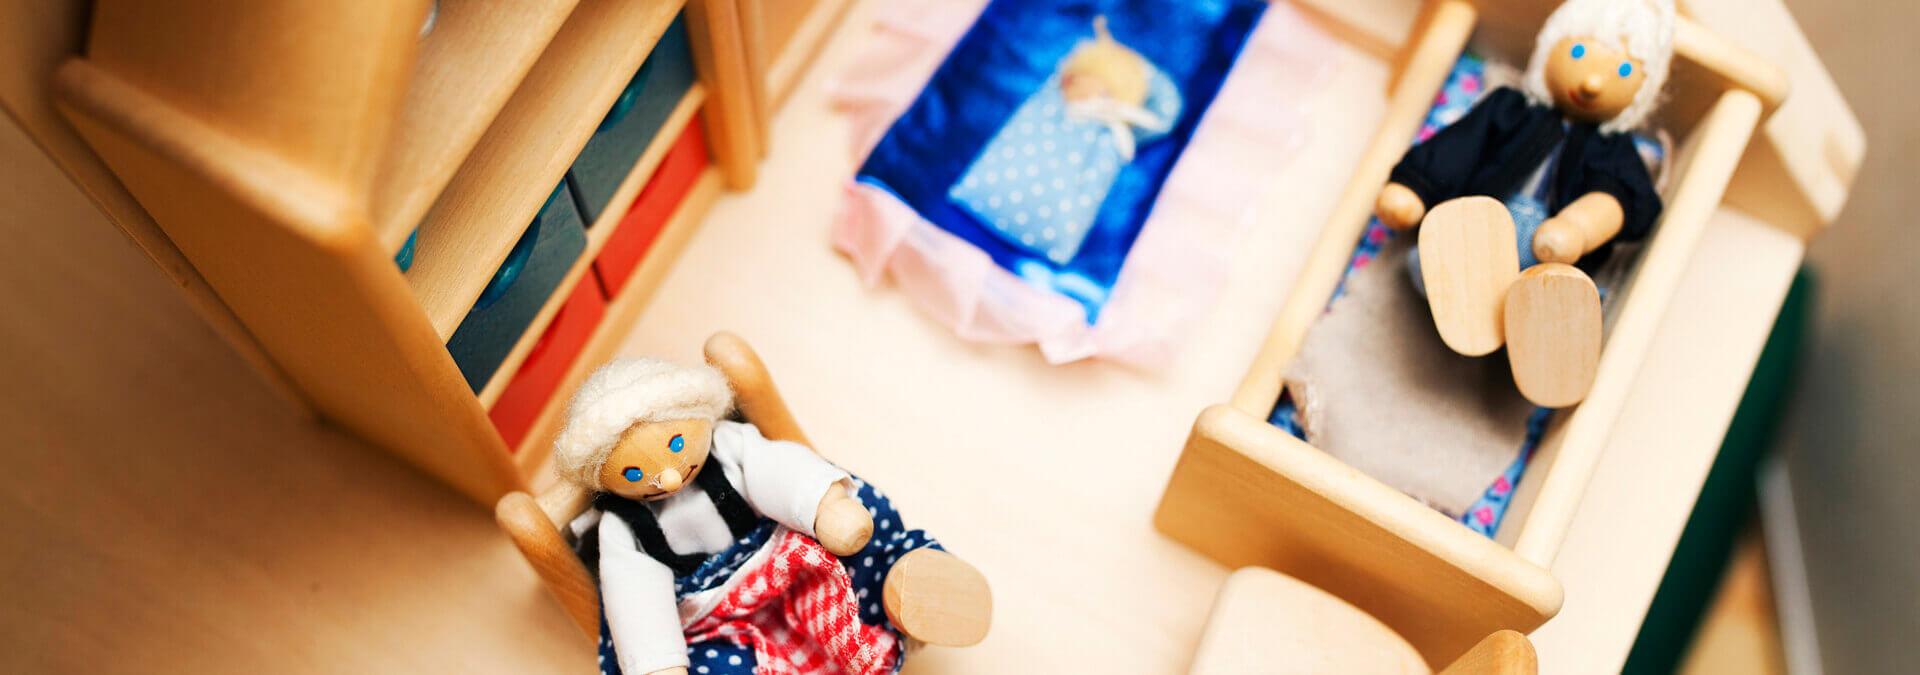 Et dukkehus i Børnetræet